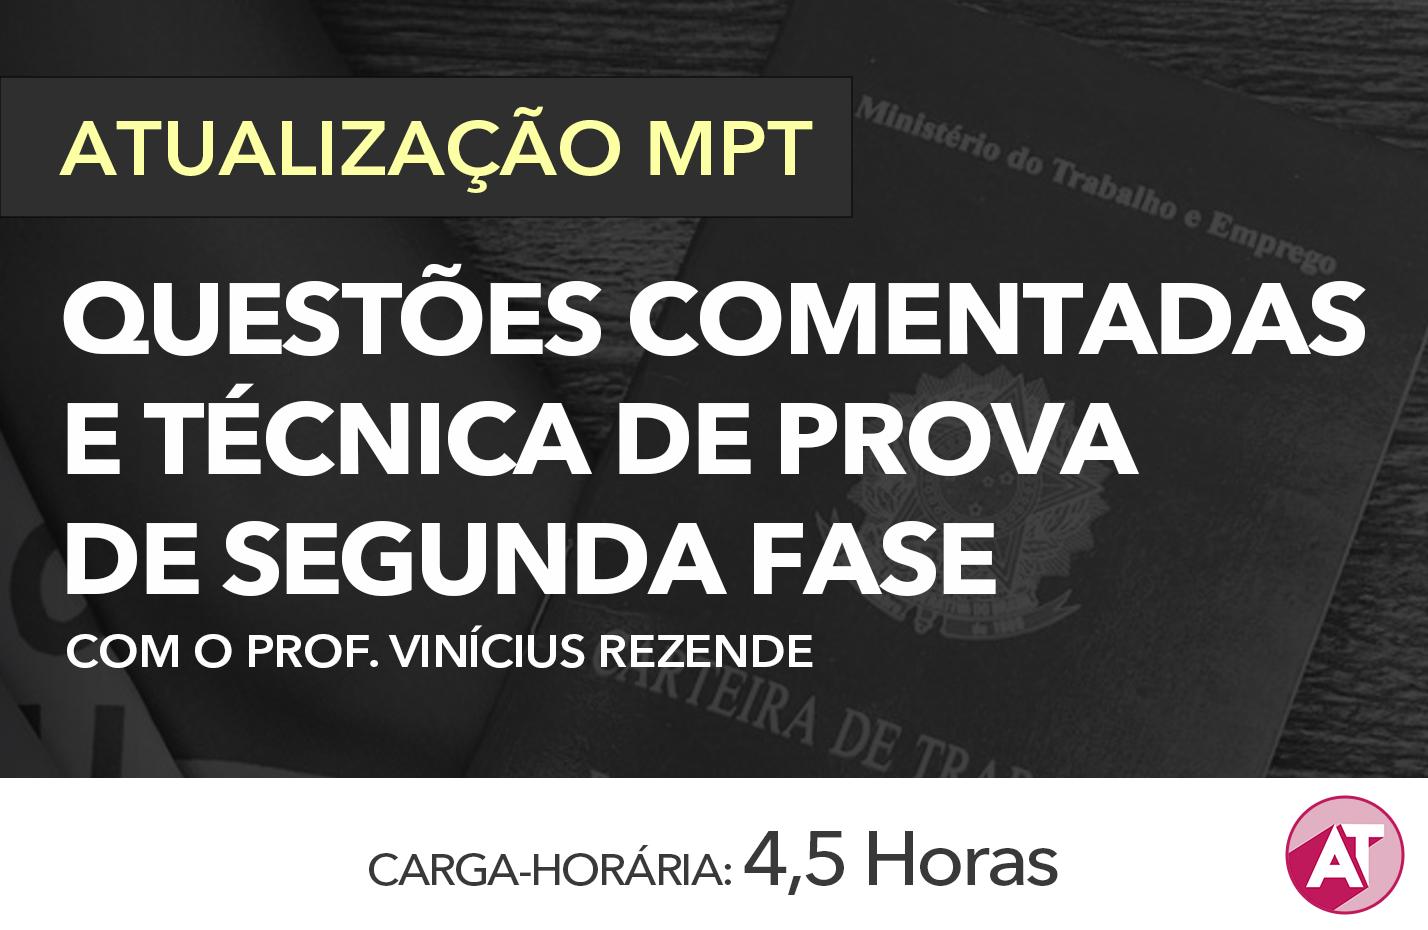 QUESTÕES COMENTADAS E TÉCNICA DE PROVA DE SEGUNDA FASE